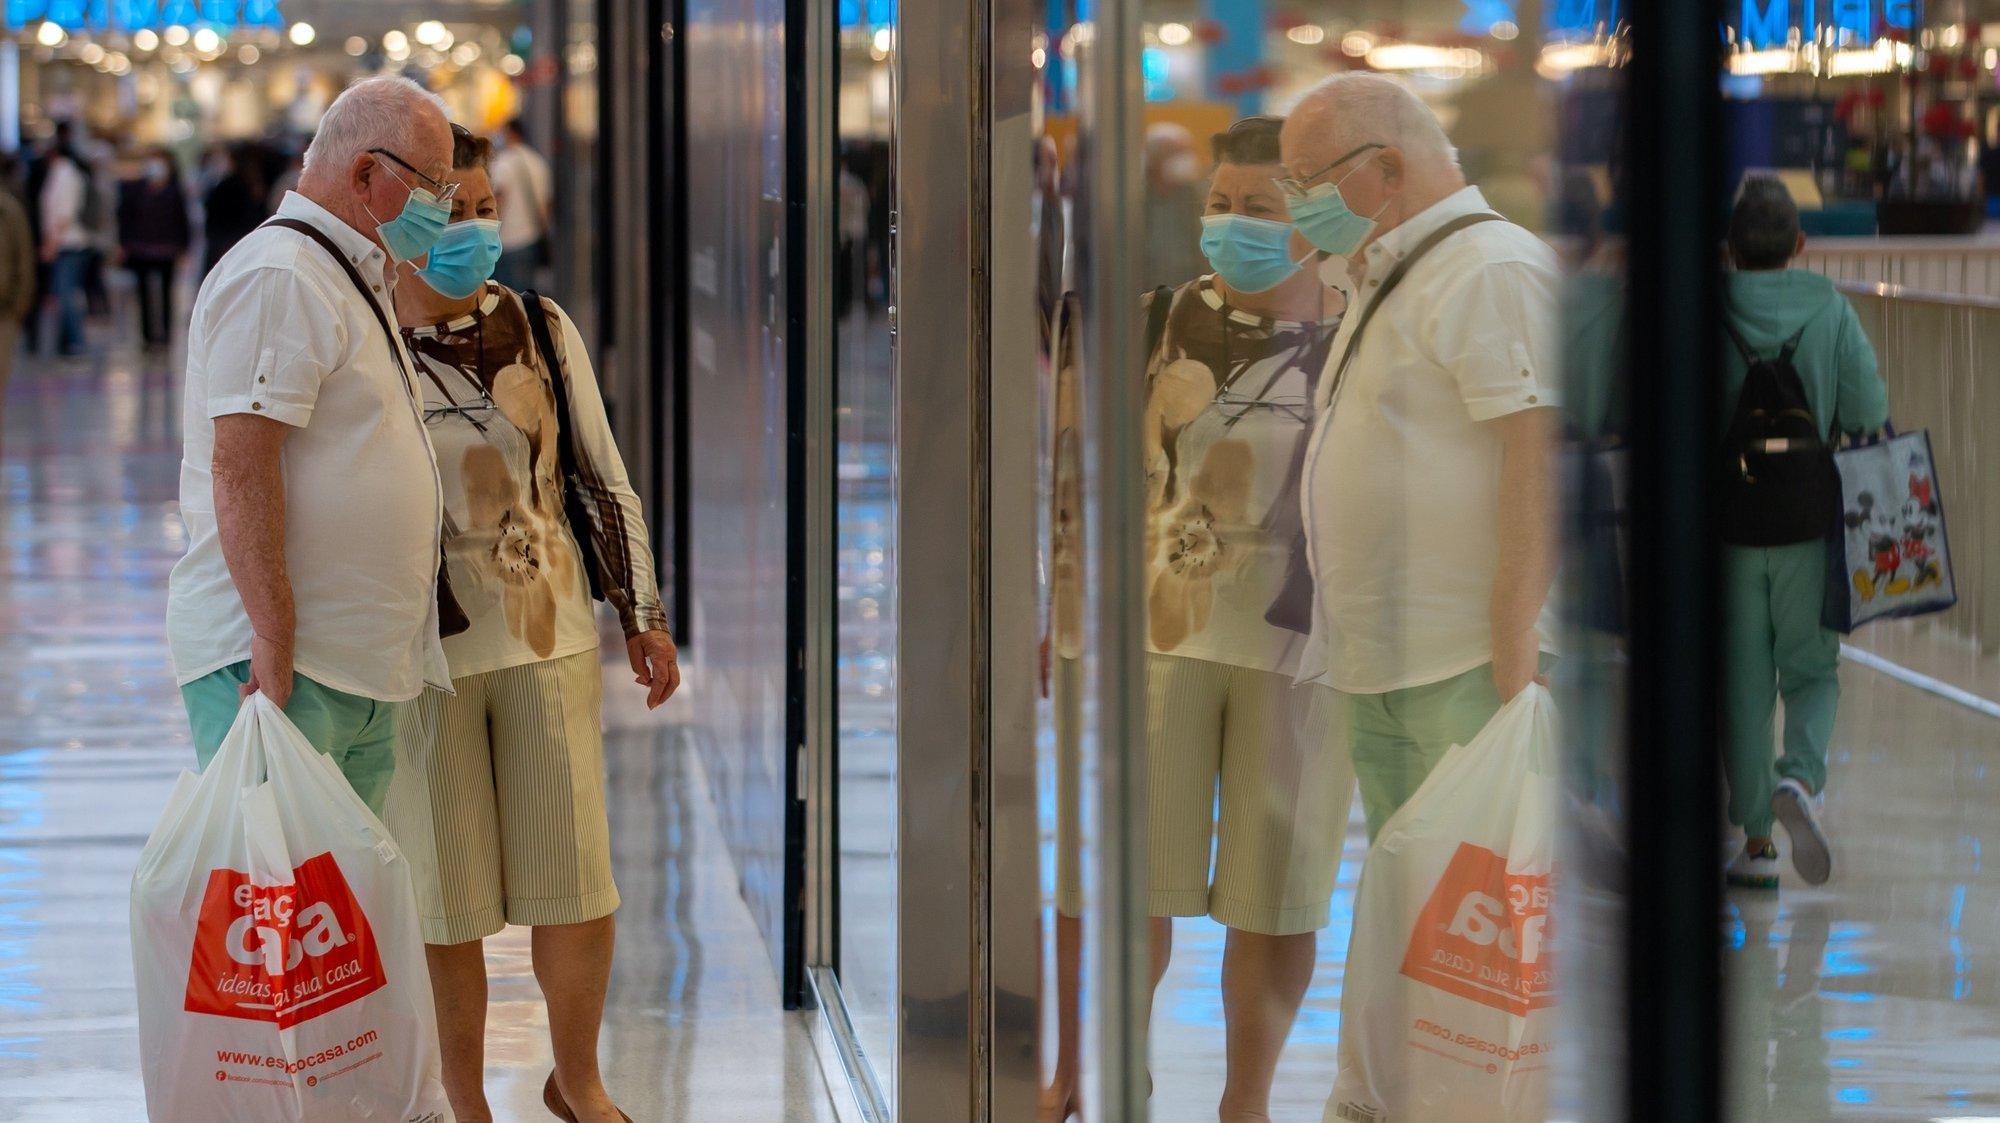 Pessoas observam as montras das lojas do Centro Comercial UBBO, no dia que marca o início da terceira fase de desconfinamento em Portugal, na Amadora, 19 de abril de 2021. Portugal inicia hoje a terceira fase do desconfinamento com a reabertura de mais escolas, lojas, restaurantes e cafés, um levantamento de restrições que não é acompanhado nos 10 concelhos onde a incidência da covid-19 é maior. JOSÉ SENA GOULÃO/LUSA